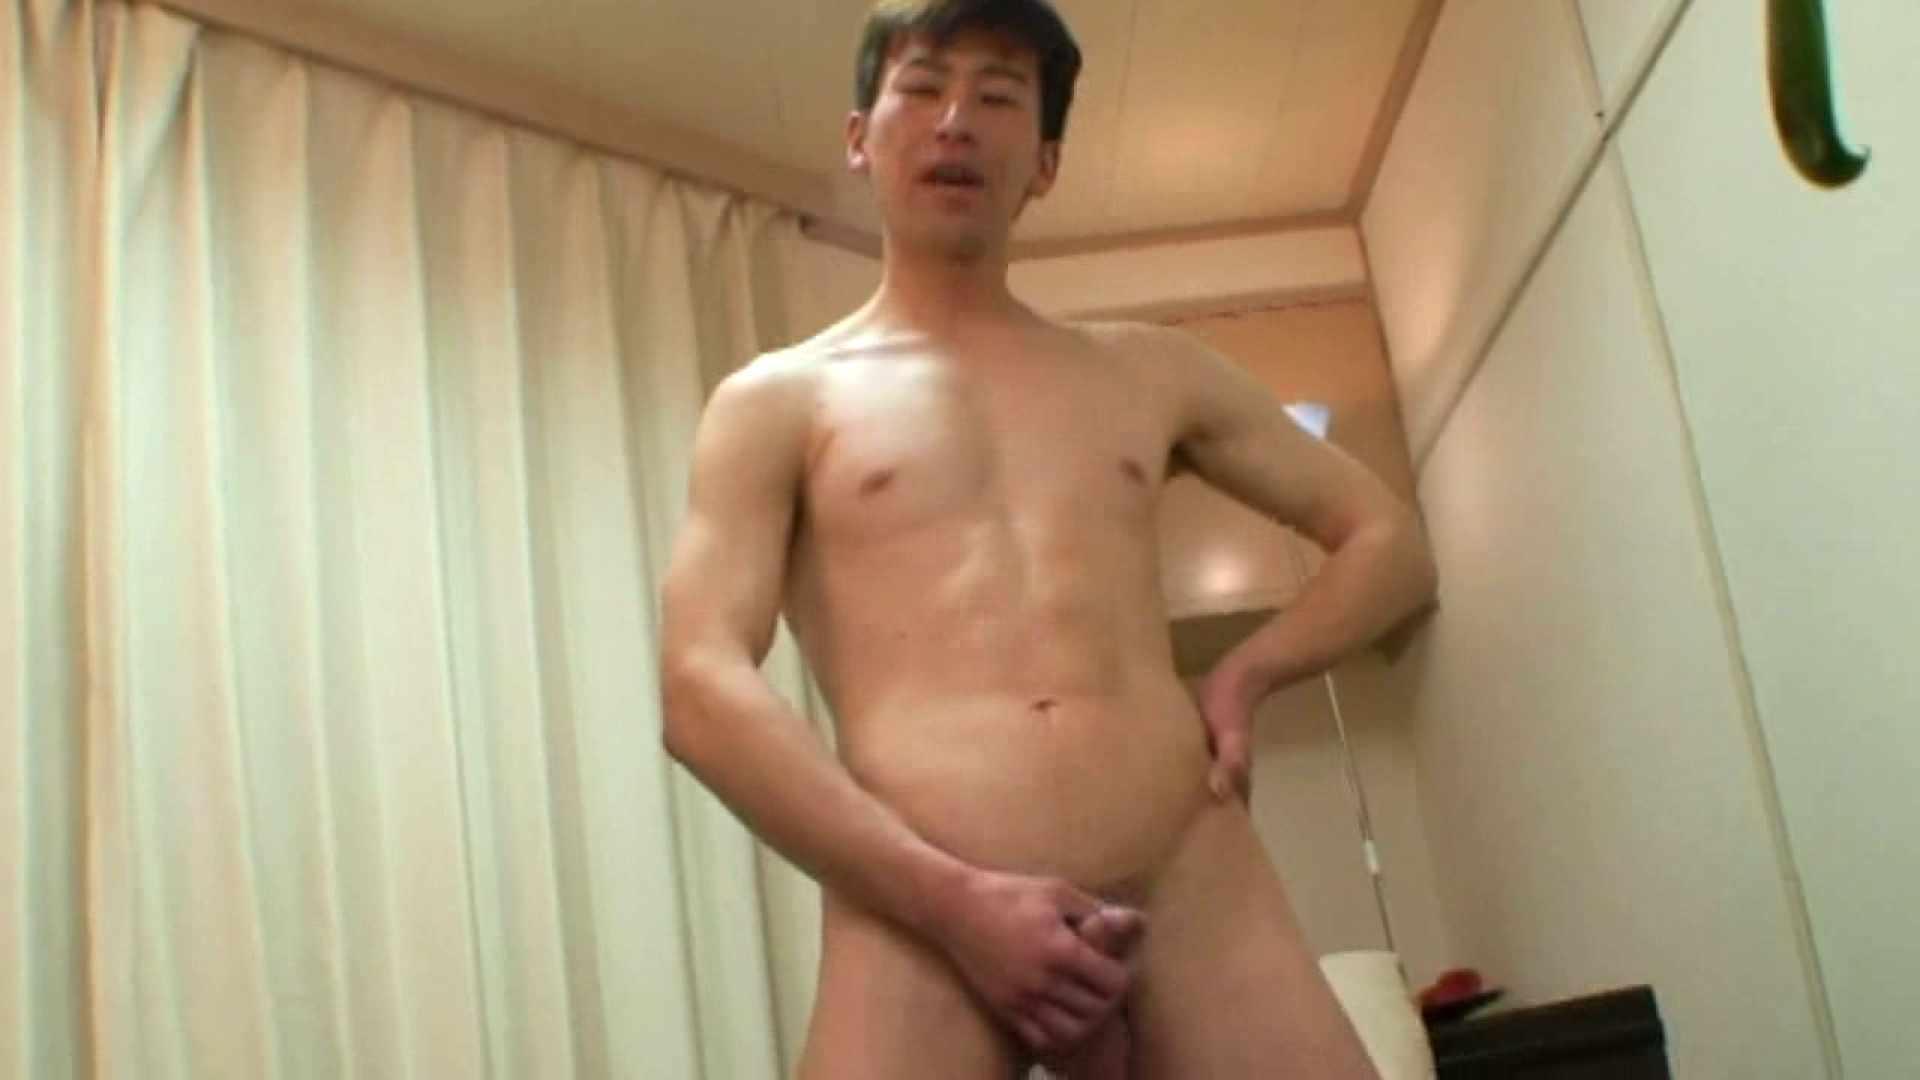 ノンケ!自慰スタジオ No.19 ノンケ達のセックス ゲイエロ動画 65画像 47